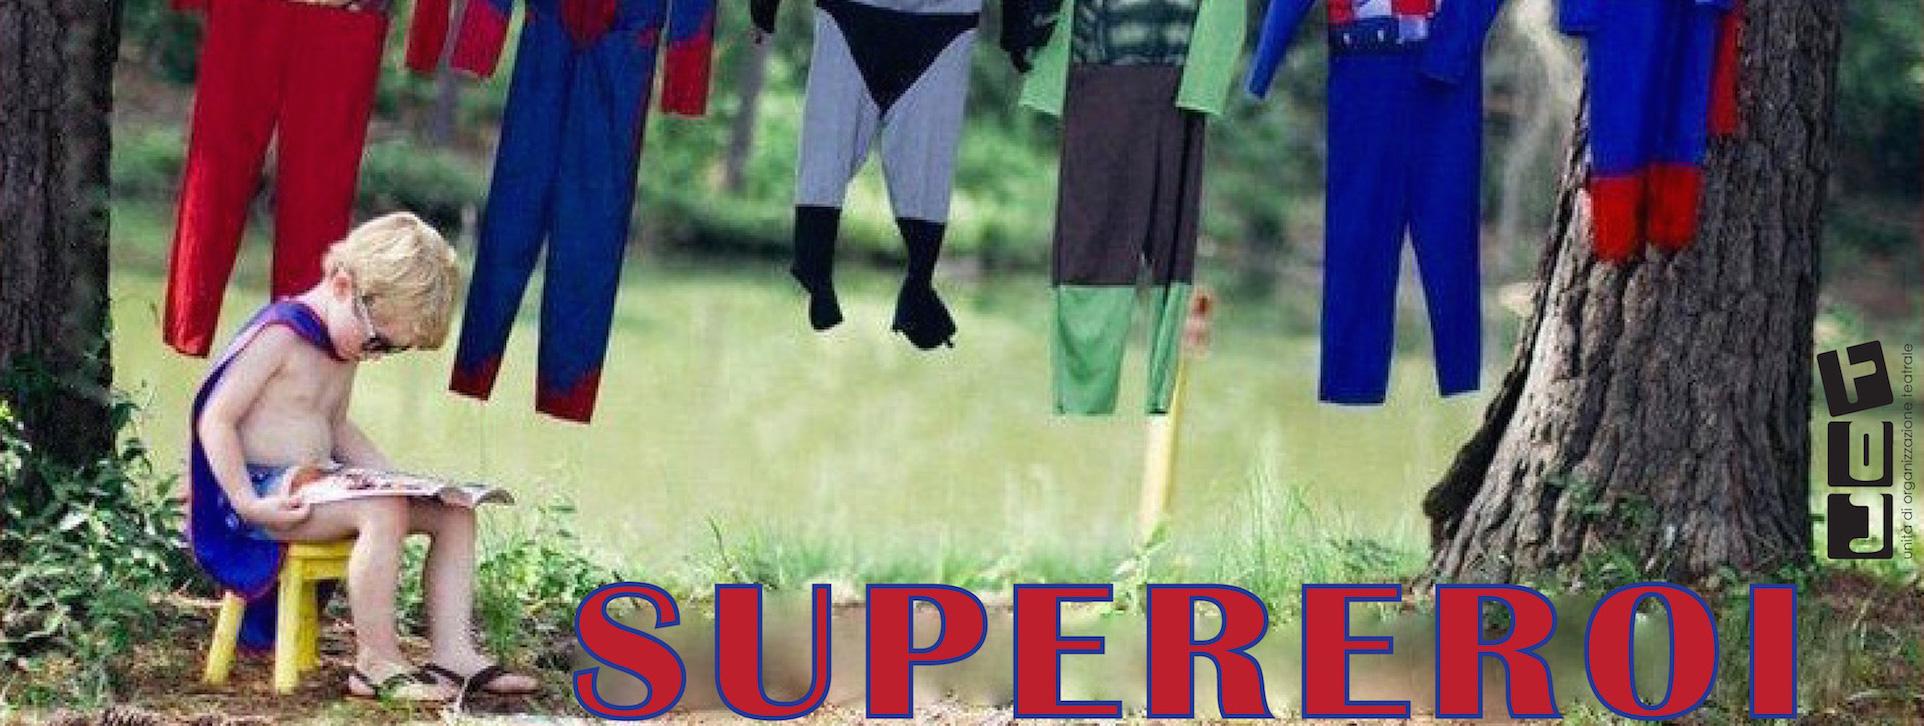 supererosimple-copia3